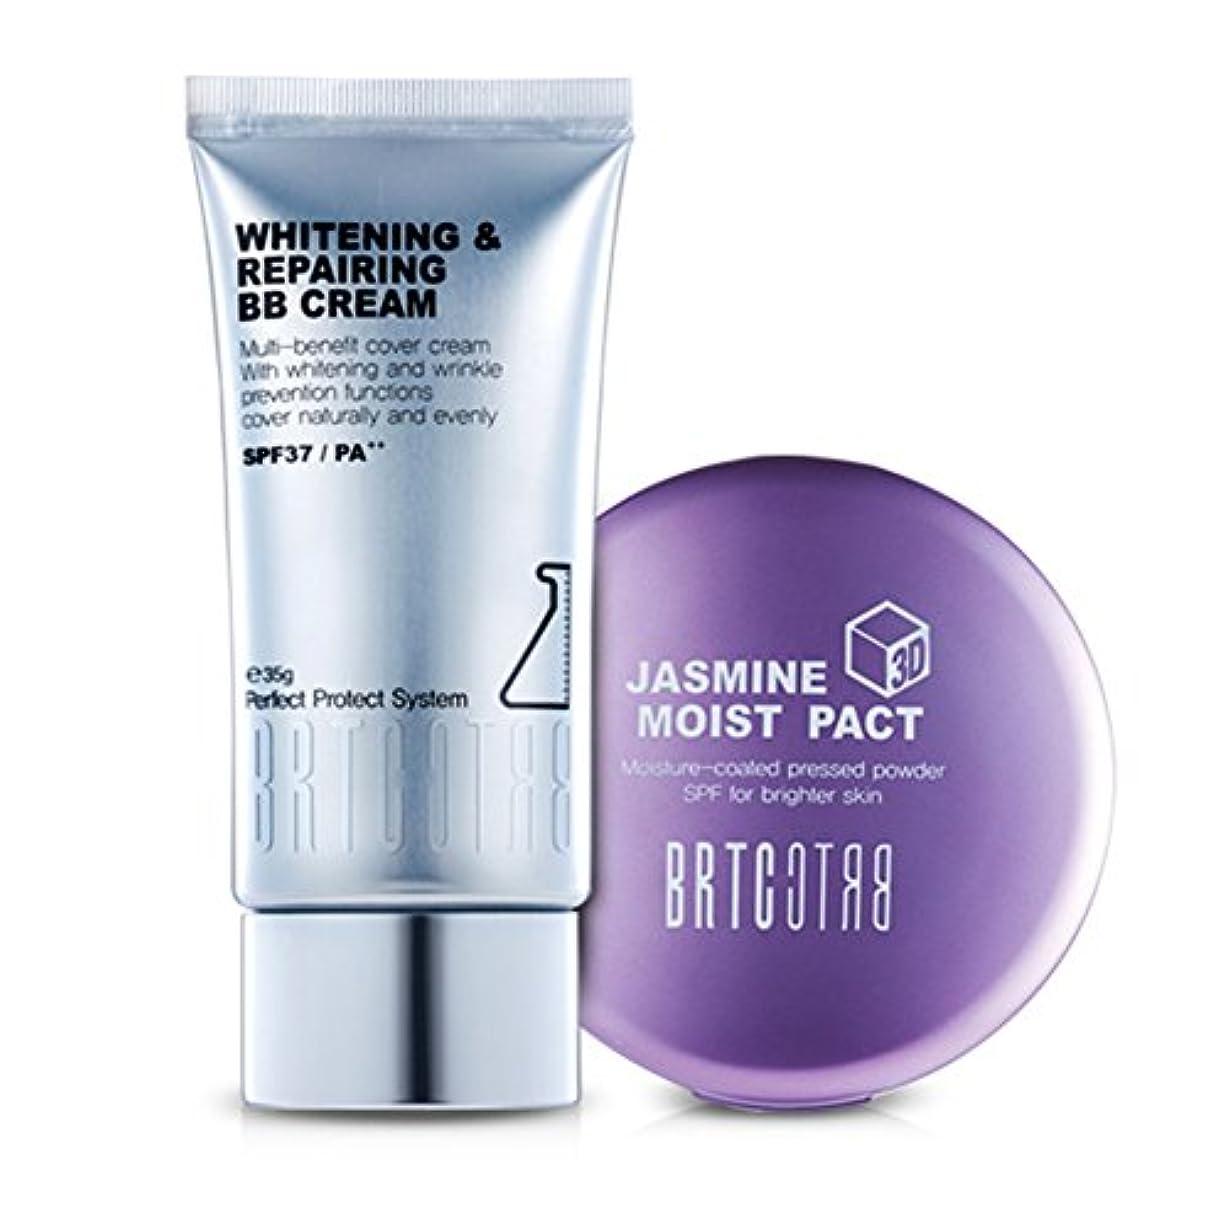 欠点パスポートチョップ【BRTC/非アルティ時】Whitening&Moisture Make Up Setホワイトニングビビ水分ファクト35g 13g[BB Cream+ Moist Pact Set](海外直送品)